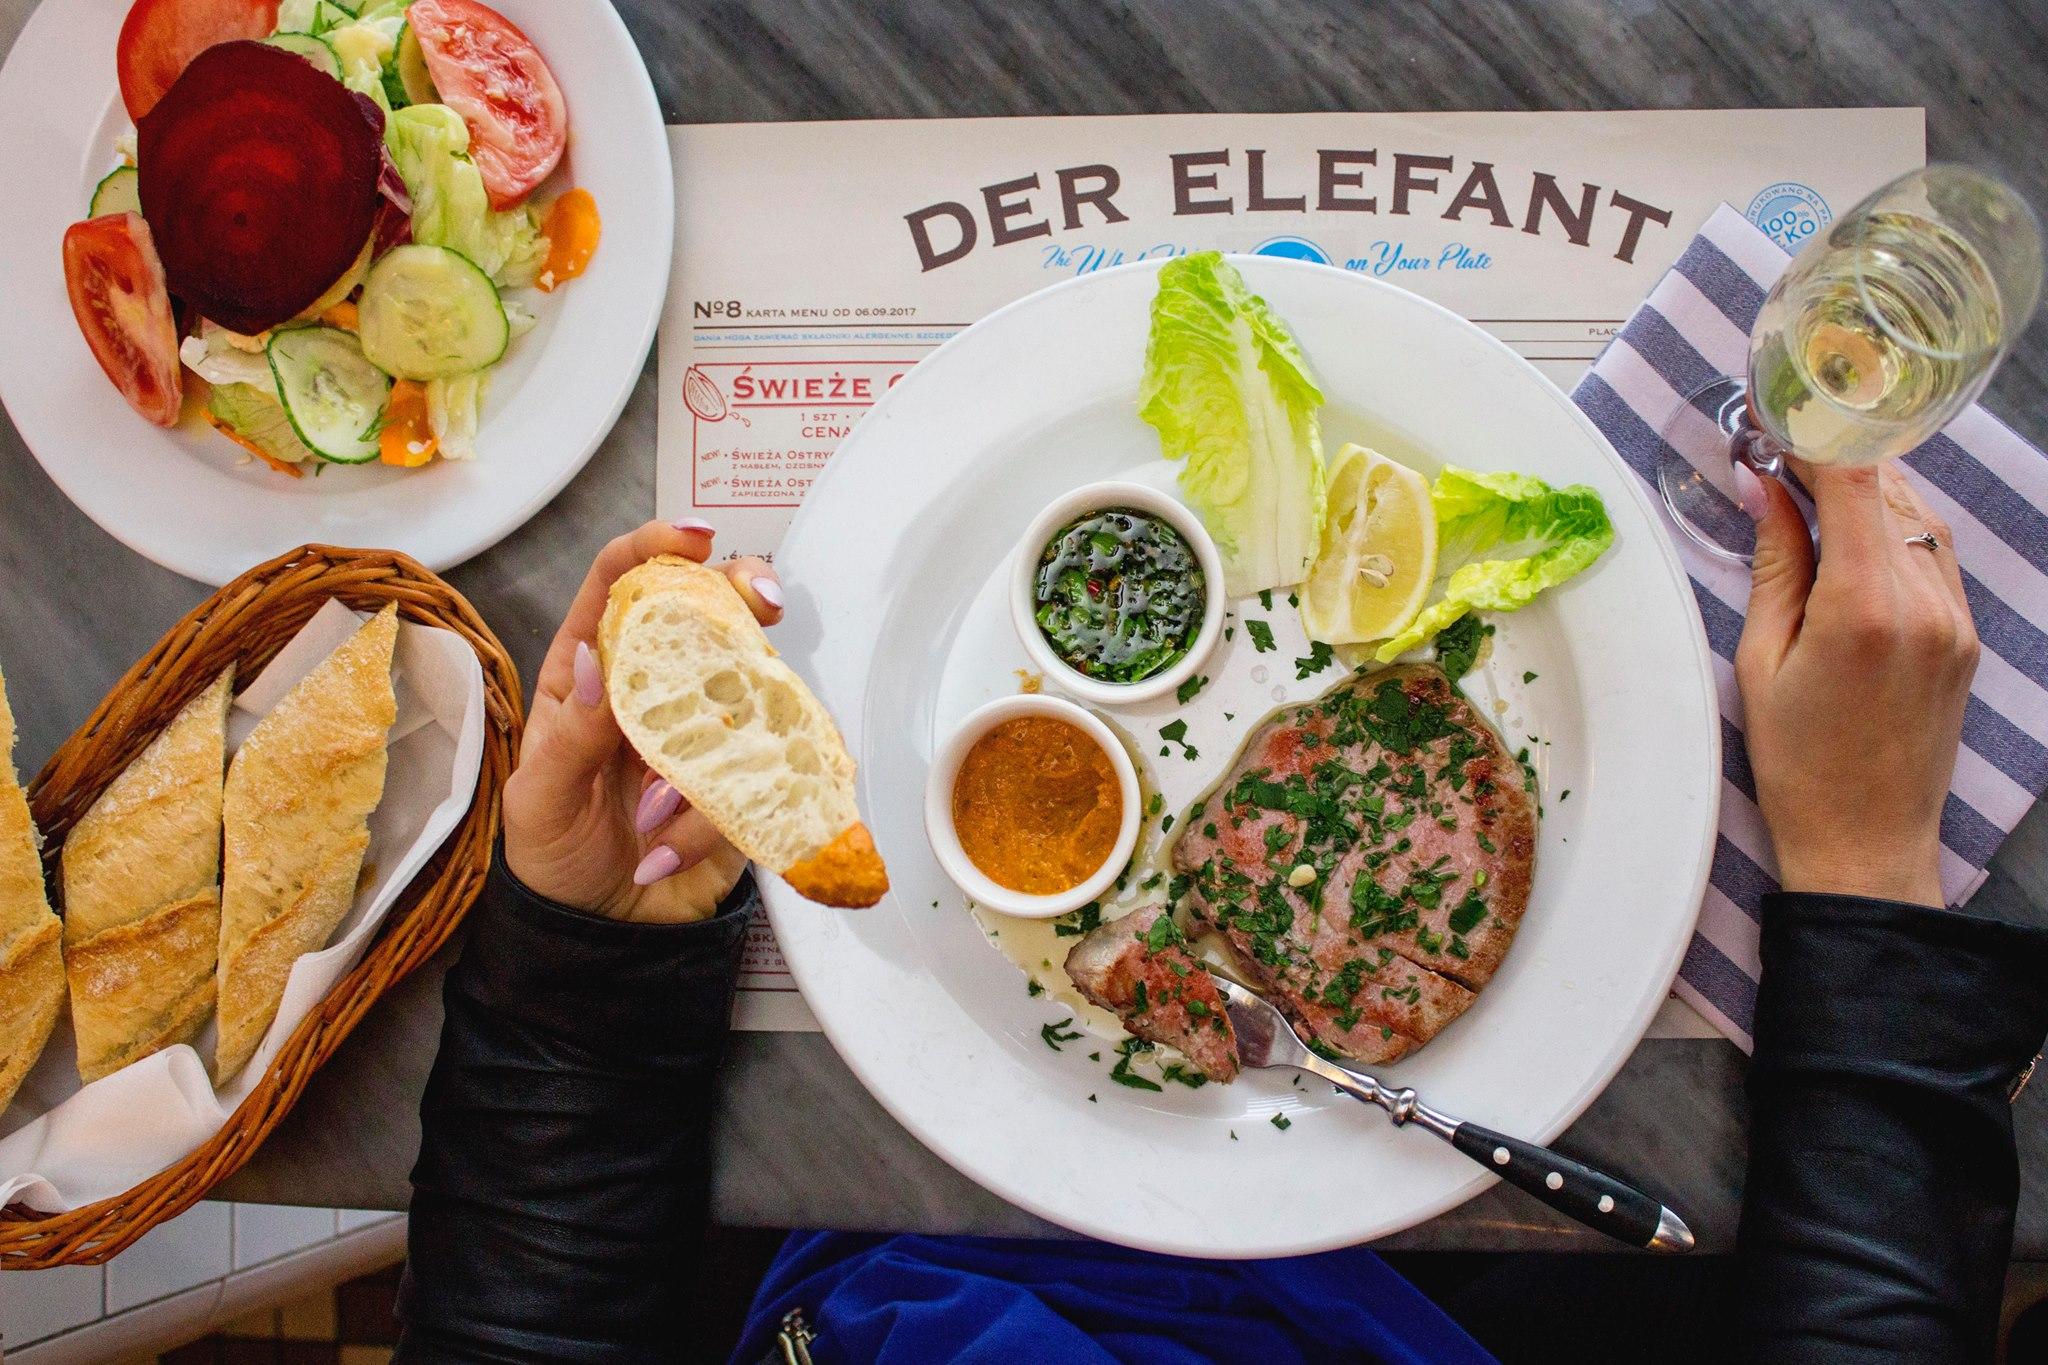 דר אלאפנט, מסעדה ברמה. צילום מתוך עמוד הפייסבוק